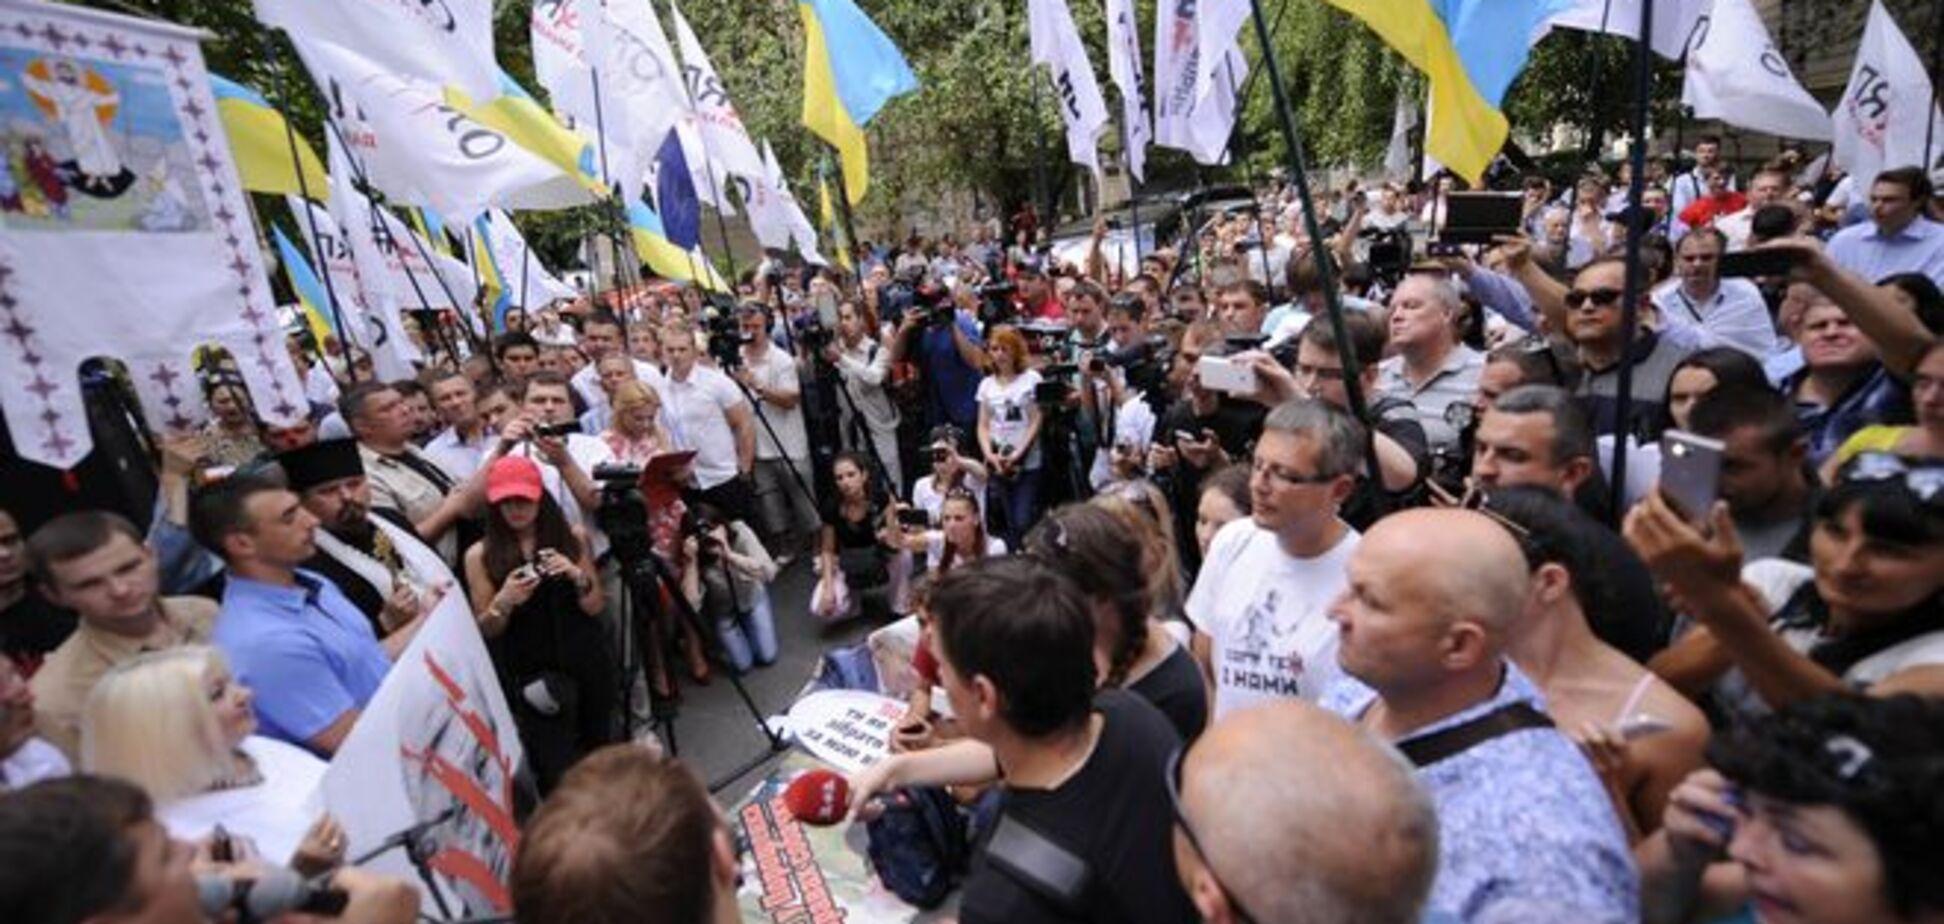 Нардепи зібралися чекати Шокіна під ГПУ до останнього: опубліковані фото